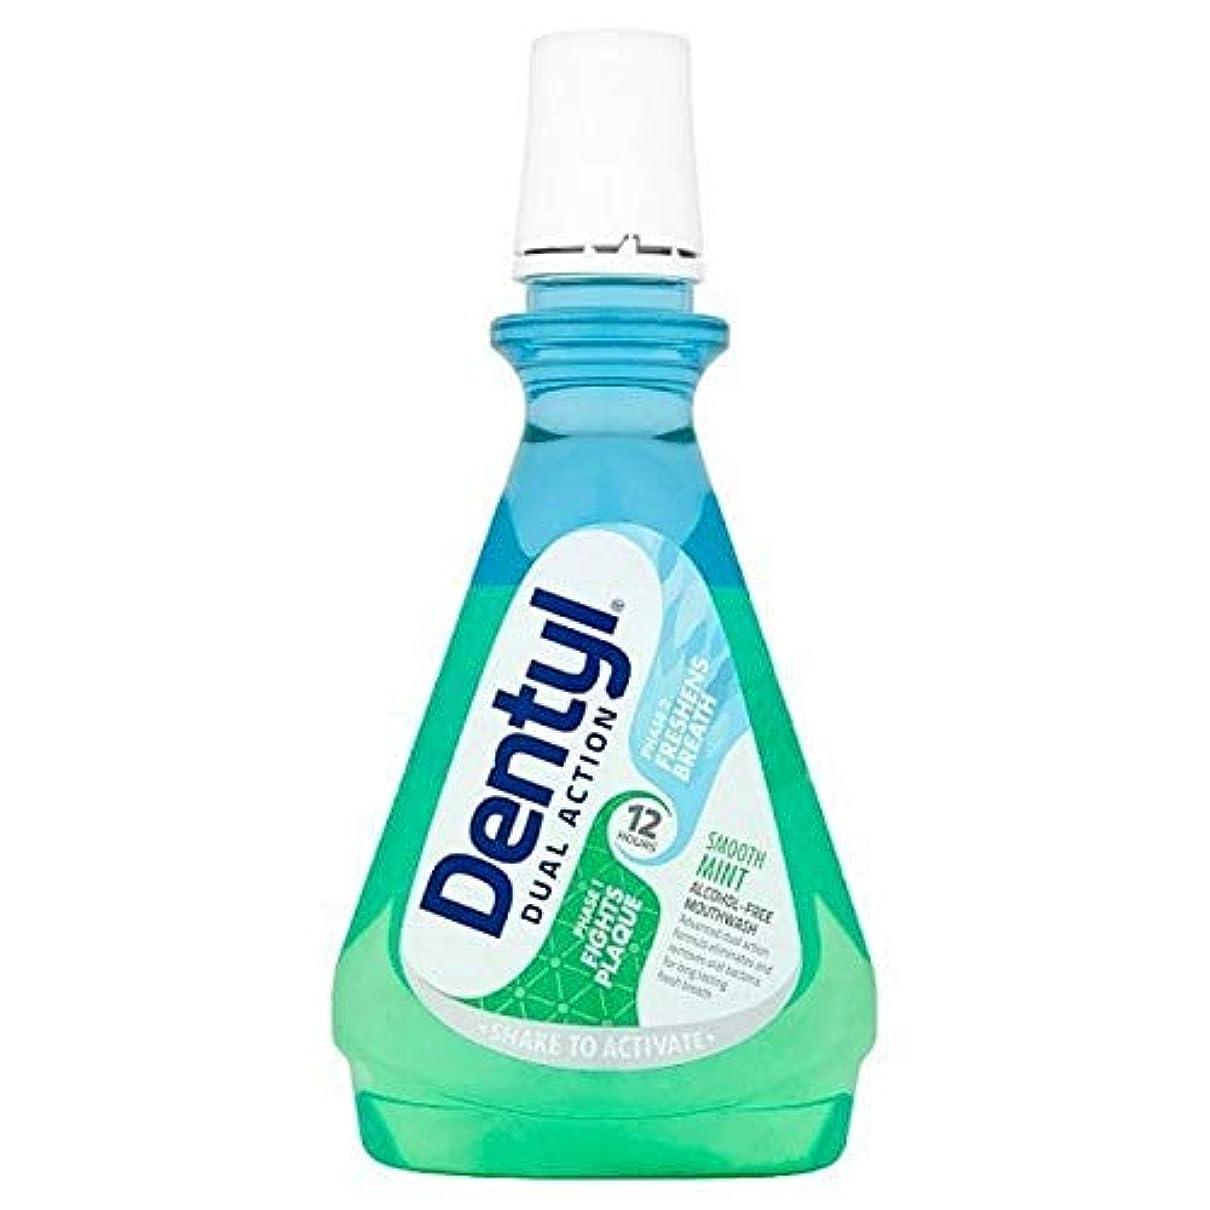 環境に優しい絡まる報酬の[Dentyl] DentylのPhはミントアルコールフリーのミントマウスウォッシュ500ミリリットル - Dentyl PH Mint Alcohol Free Mint Mouthwash 500ml [並行輸入品]